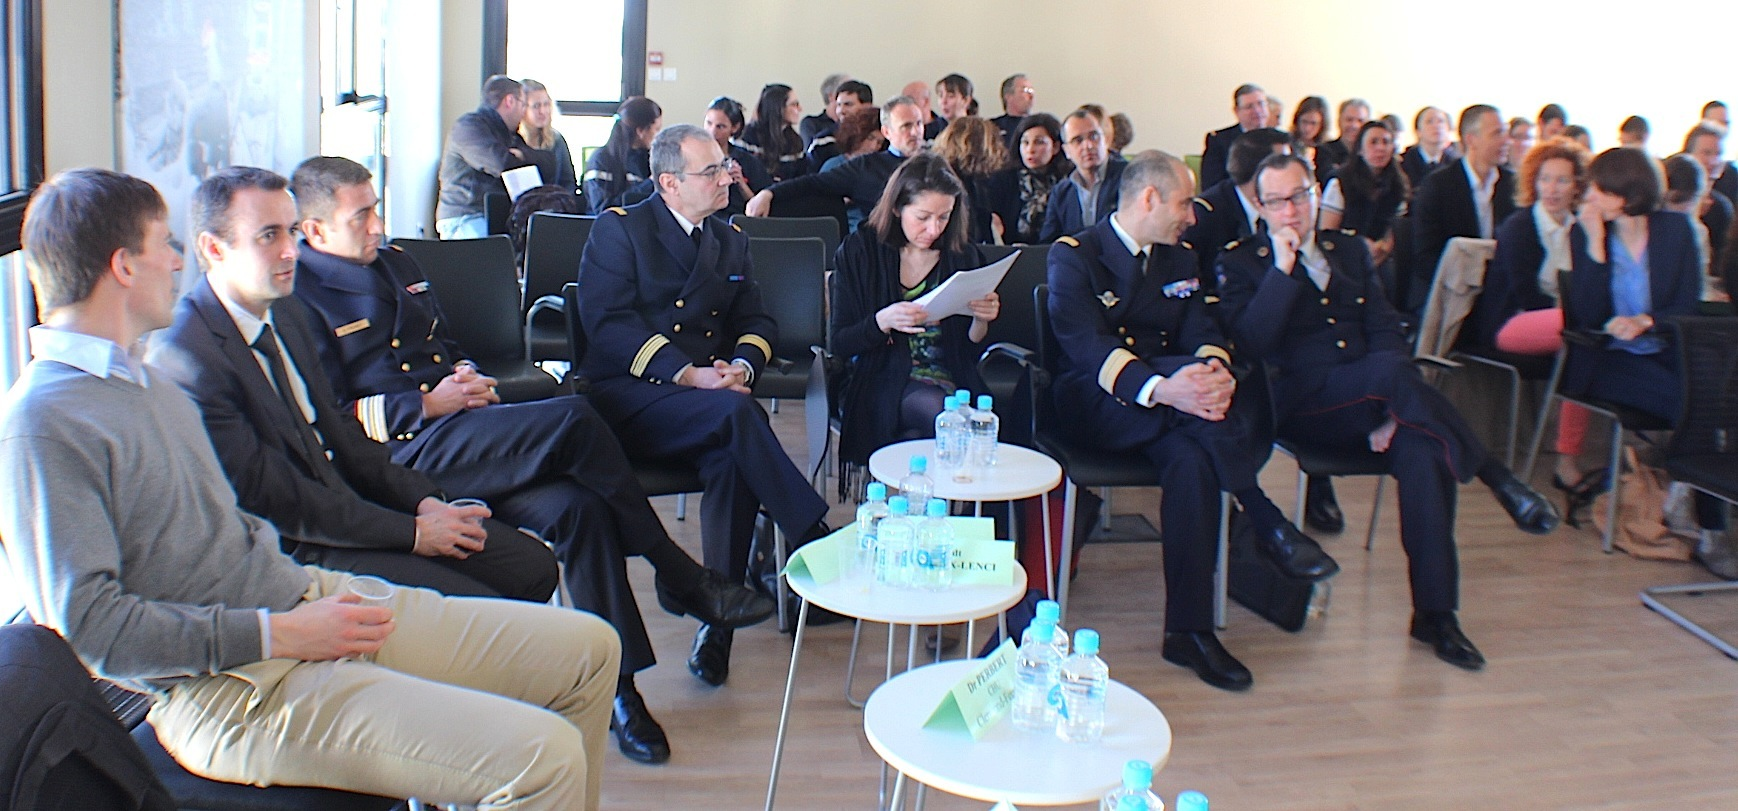 Bastia : Les traumatismes sévères au centre des débats de la 2eme journée de médecine opérationnelle